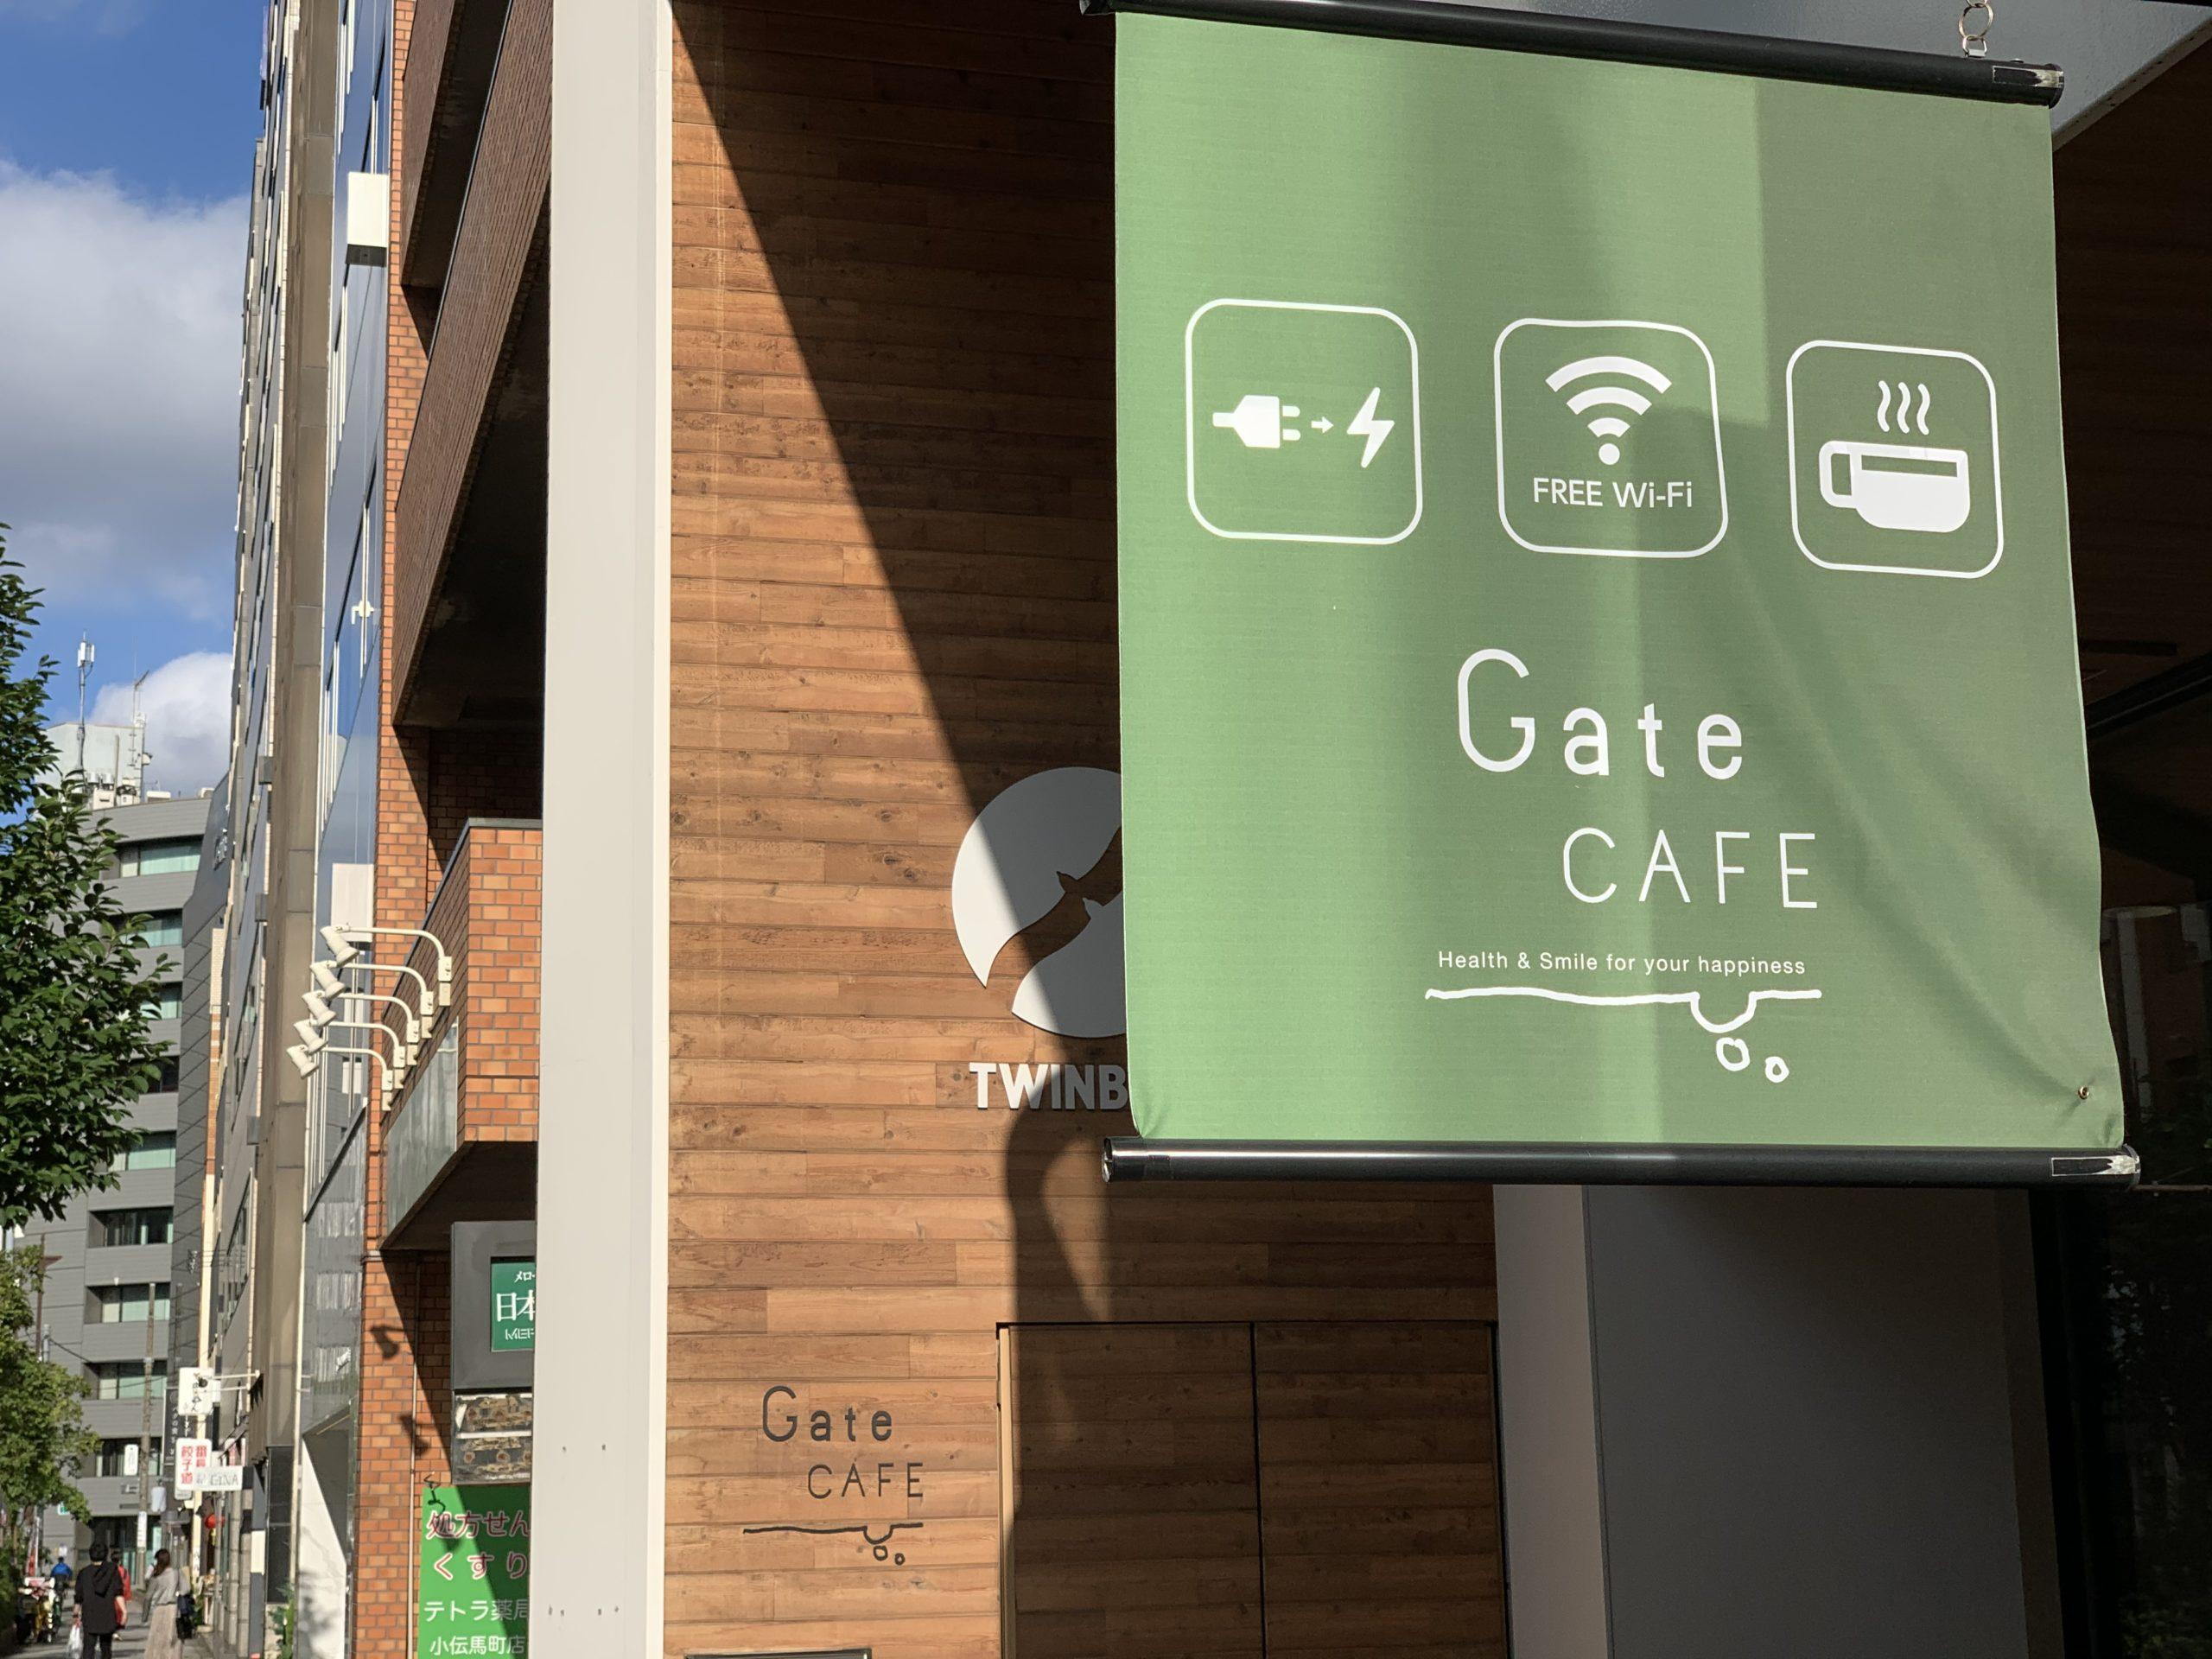 小伝馬町駅1番出口 リモート・テレワークカフェスペース  GateCAFE Wi-Fi